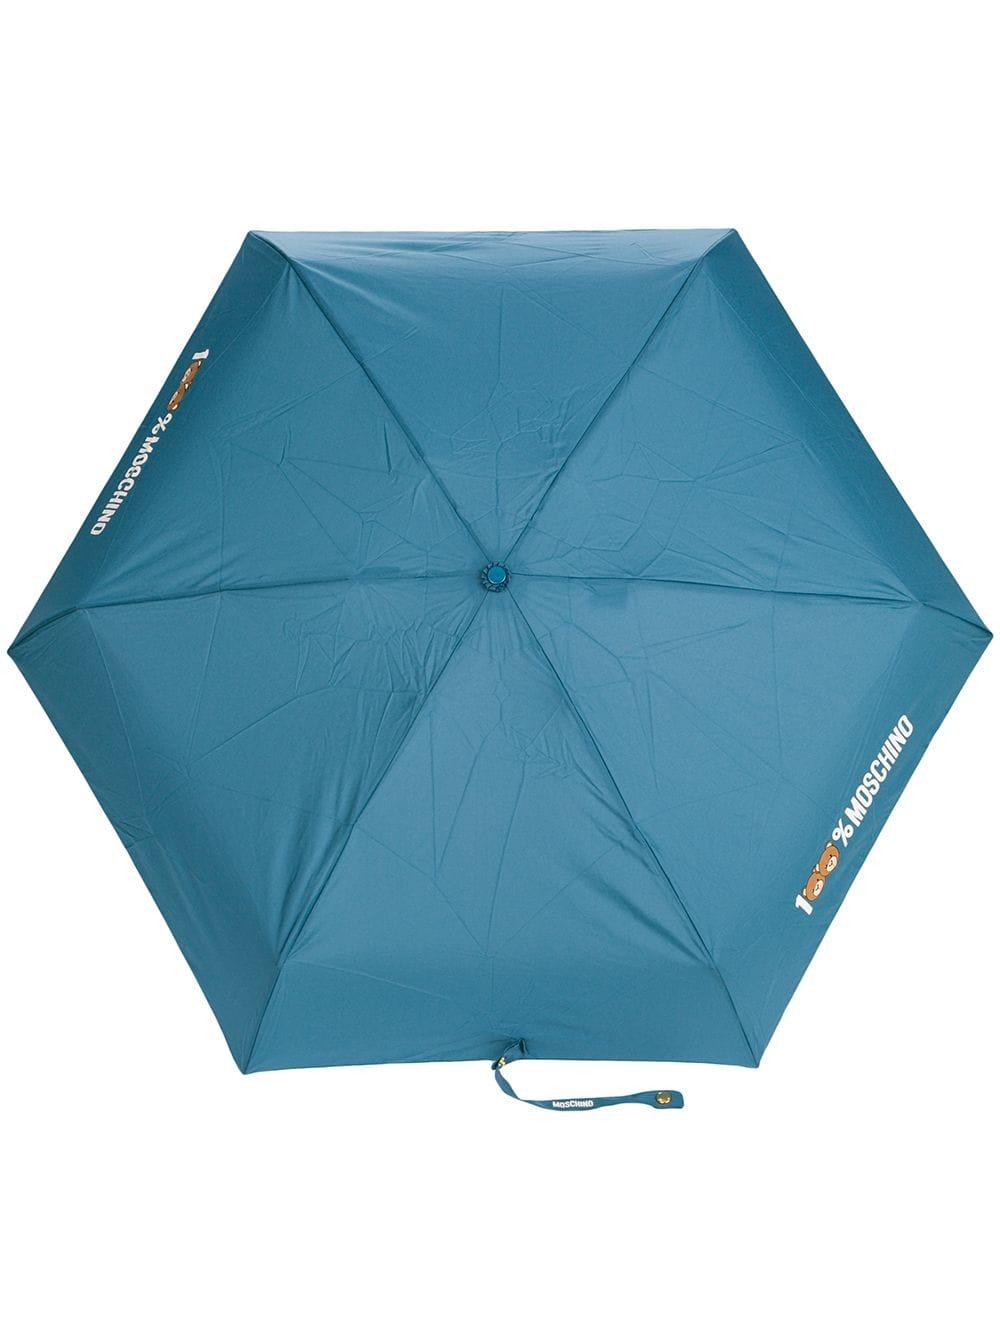 Moschino '100% Moschino' Regenschirm - Blau